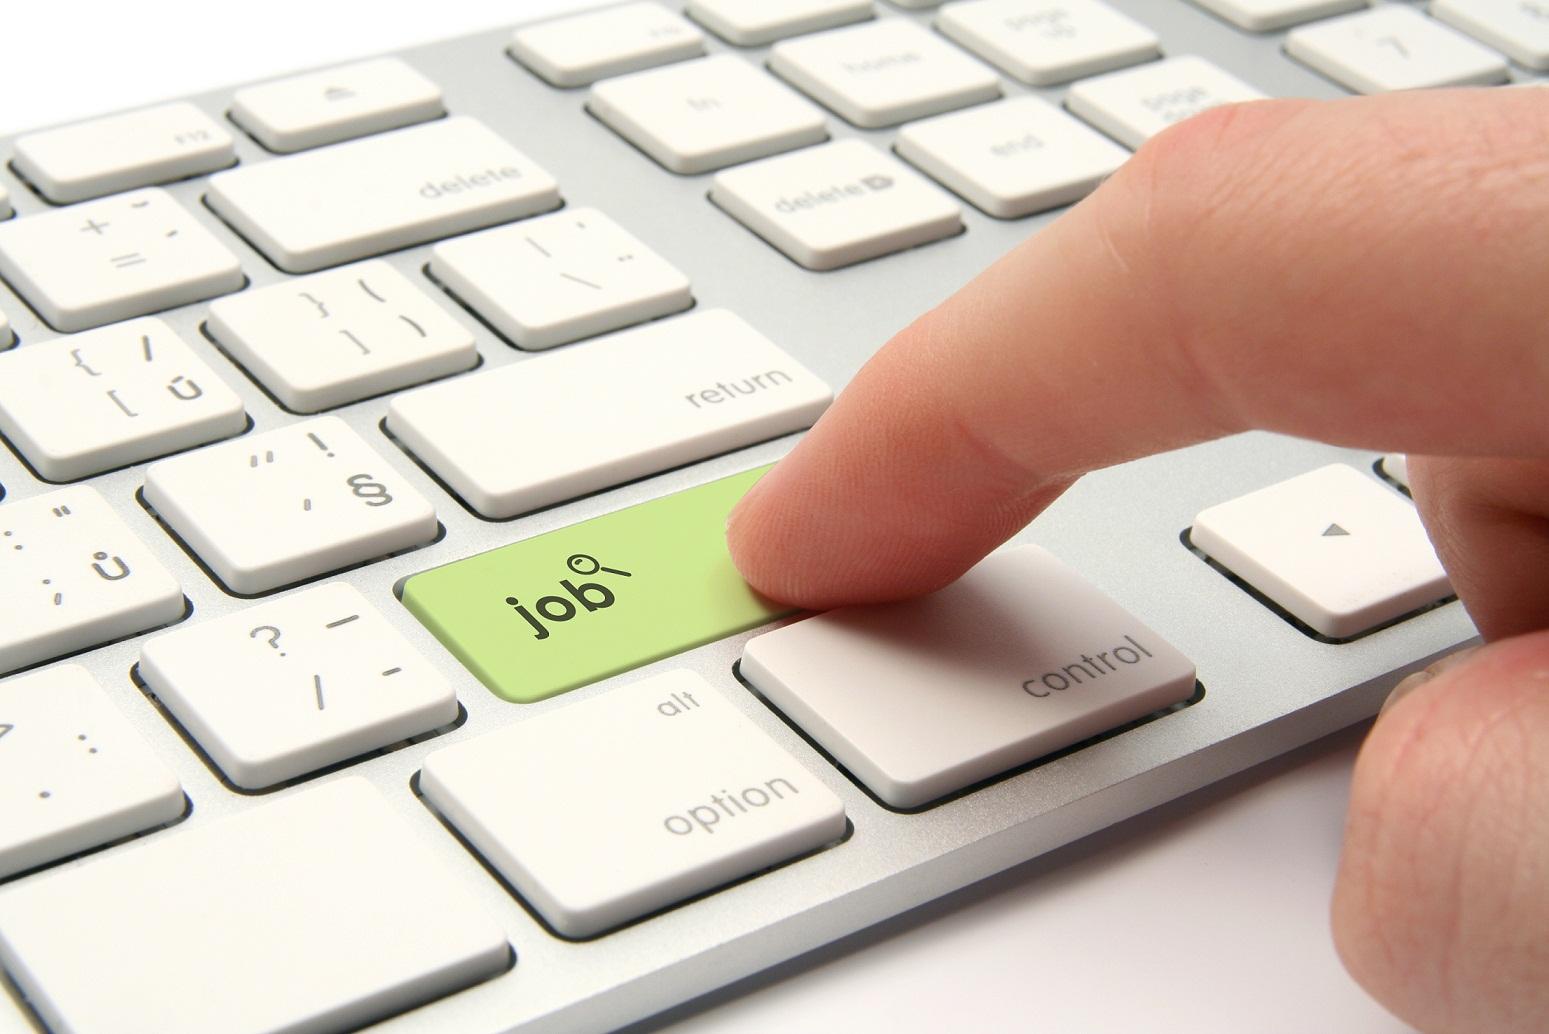 Memulai Melamar Kerja Secara Online